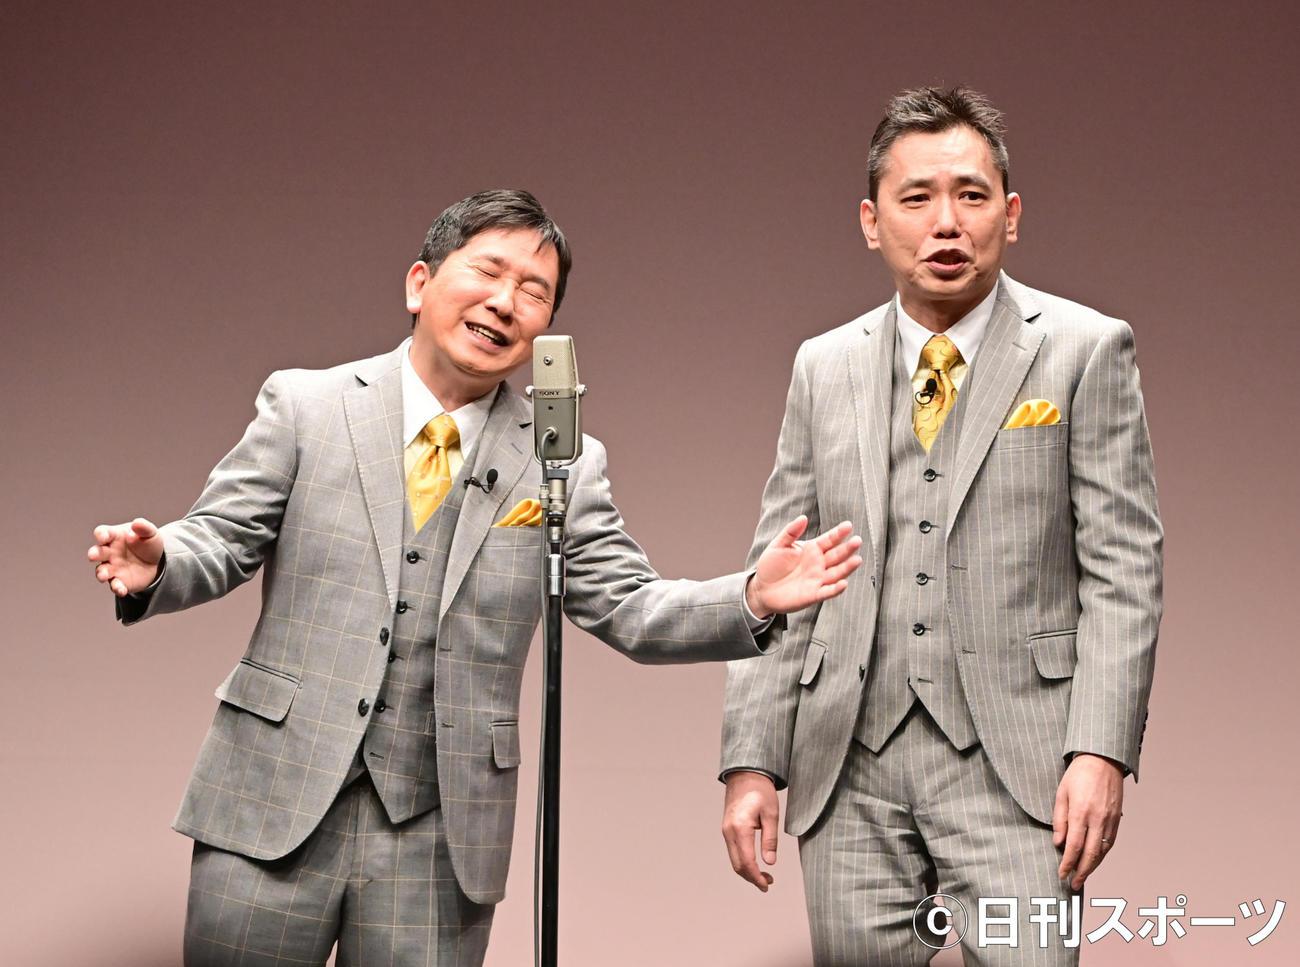 「爆笑問題withタイタンシネマライブ」で舞台復帰した爆笑問題の田中裕二。右は太田光(2021年2月27日撮影)